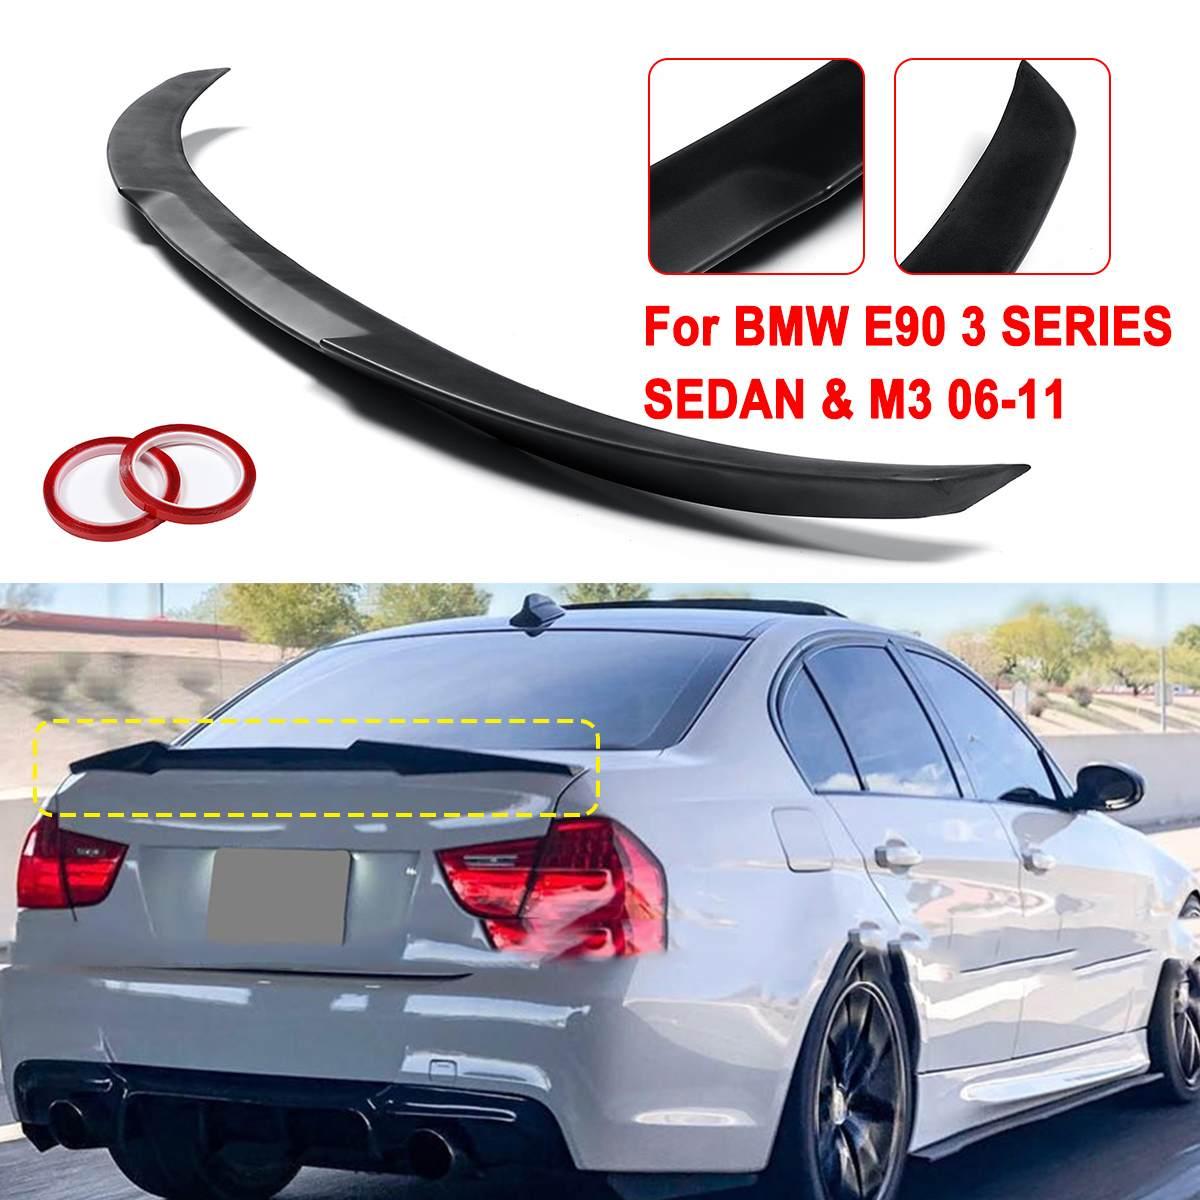 Noir mat/brillant/fibre de carbone Style ABS becquet de coffre aile M4-STYLE pour 2006-2011 pour BMW E90 série 3 berline & M3 2008-2012